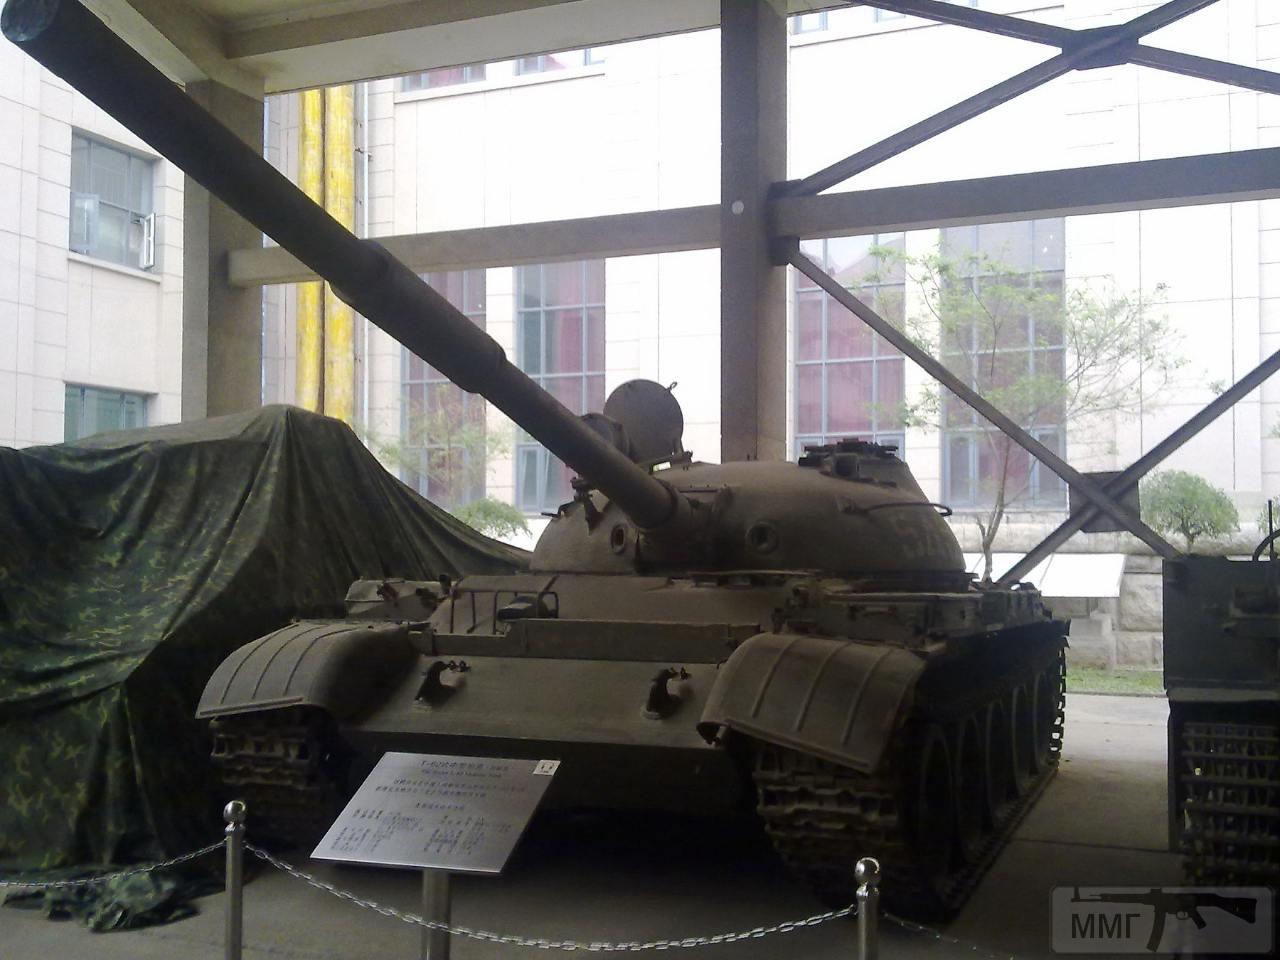 14046 - Военный конфликт СССР и Китая - Остров Даманский 1969 год